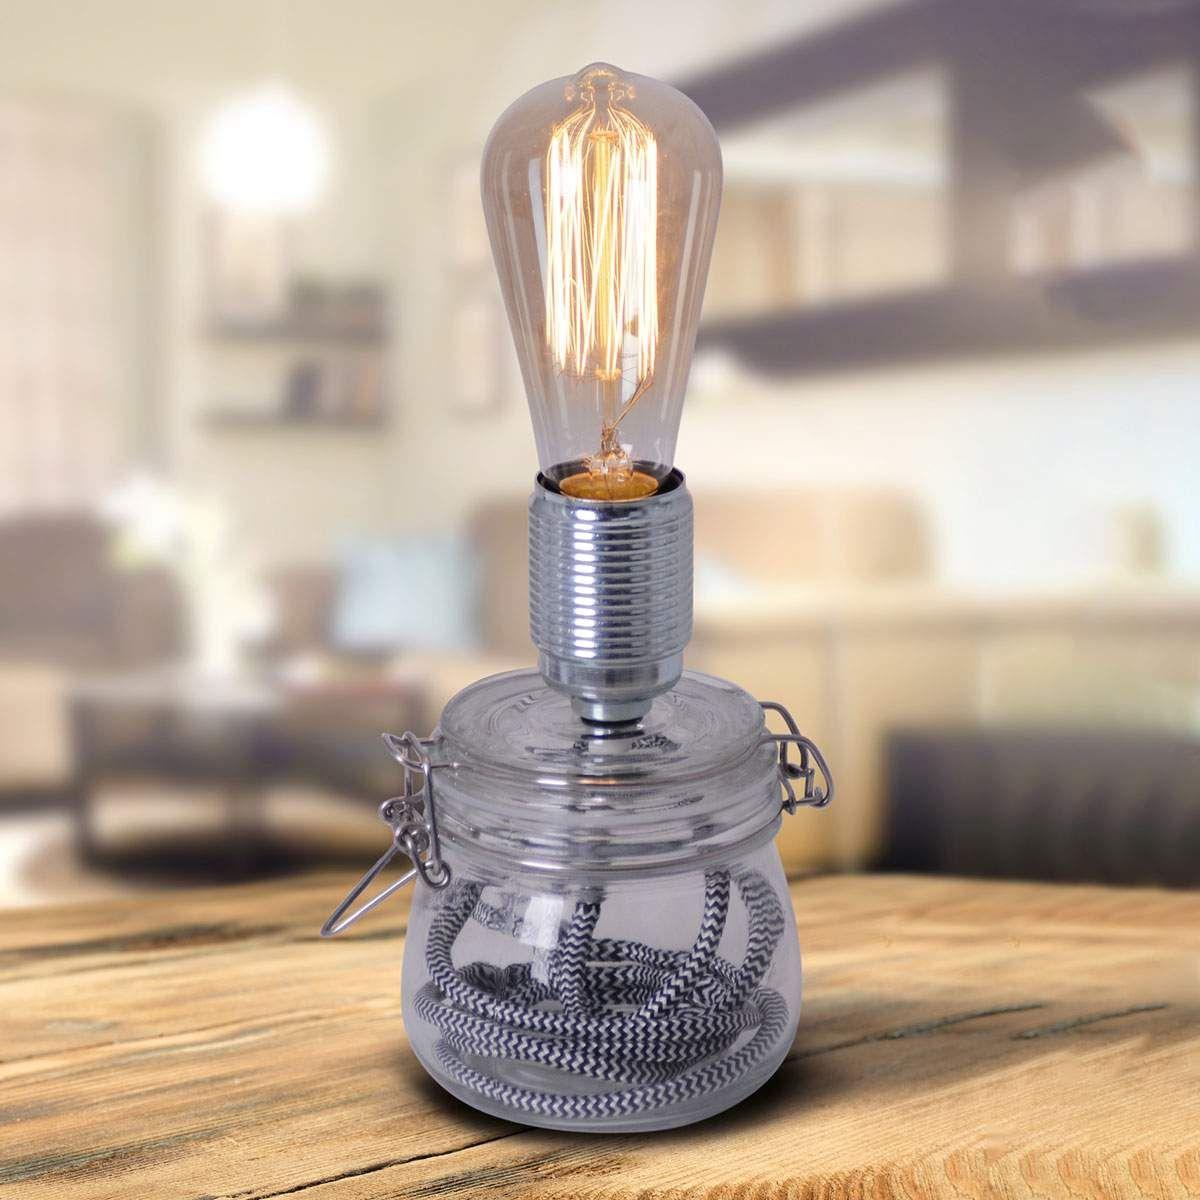 Tischleuchte Max Mit Glasfuss Von Naeve Leuchten Tischleuchte Vintage Tischlampen Lampentisch